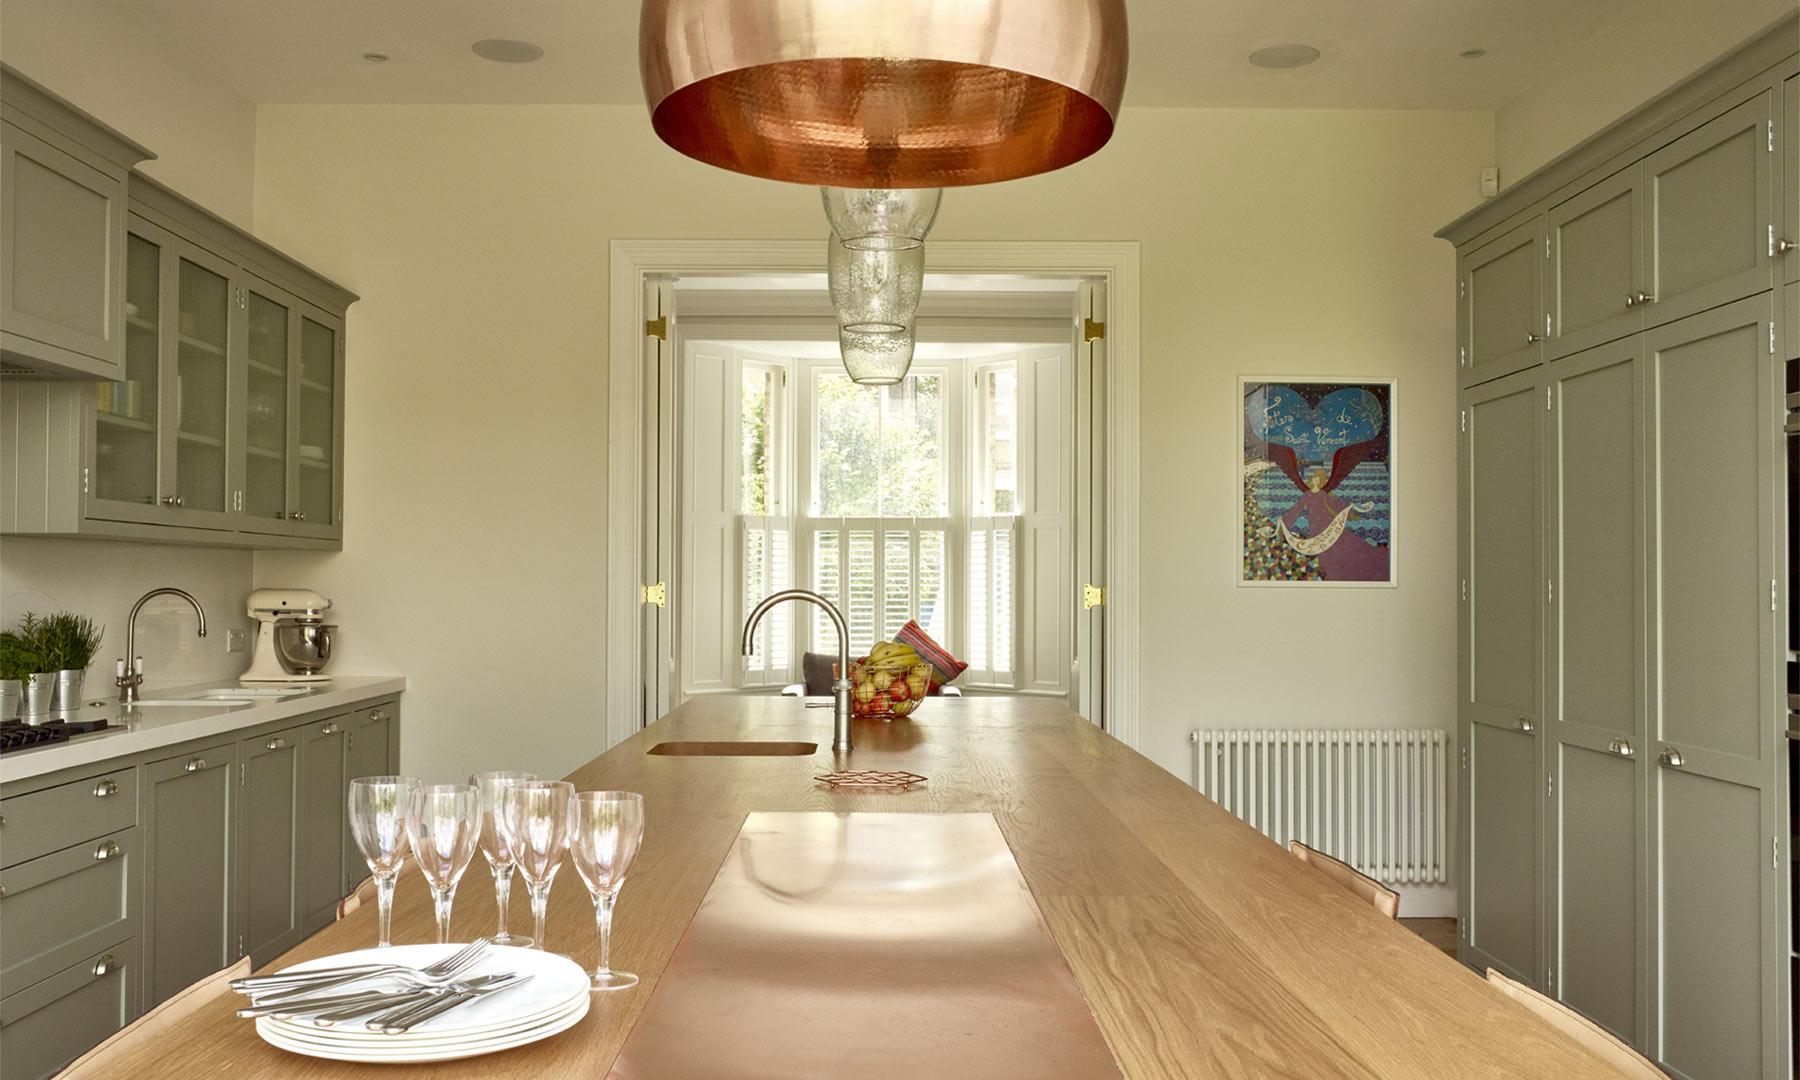 Brixton kitchen shot 6